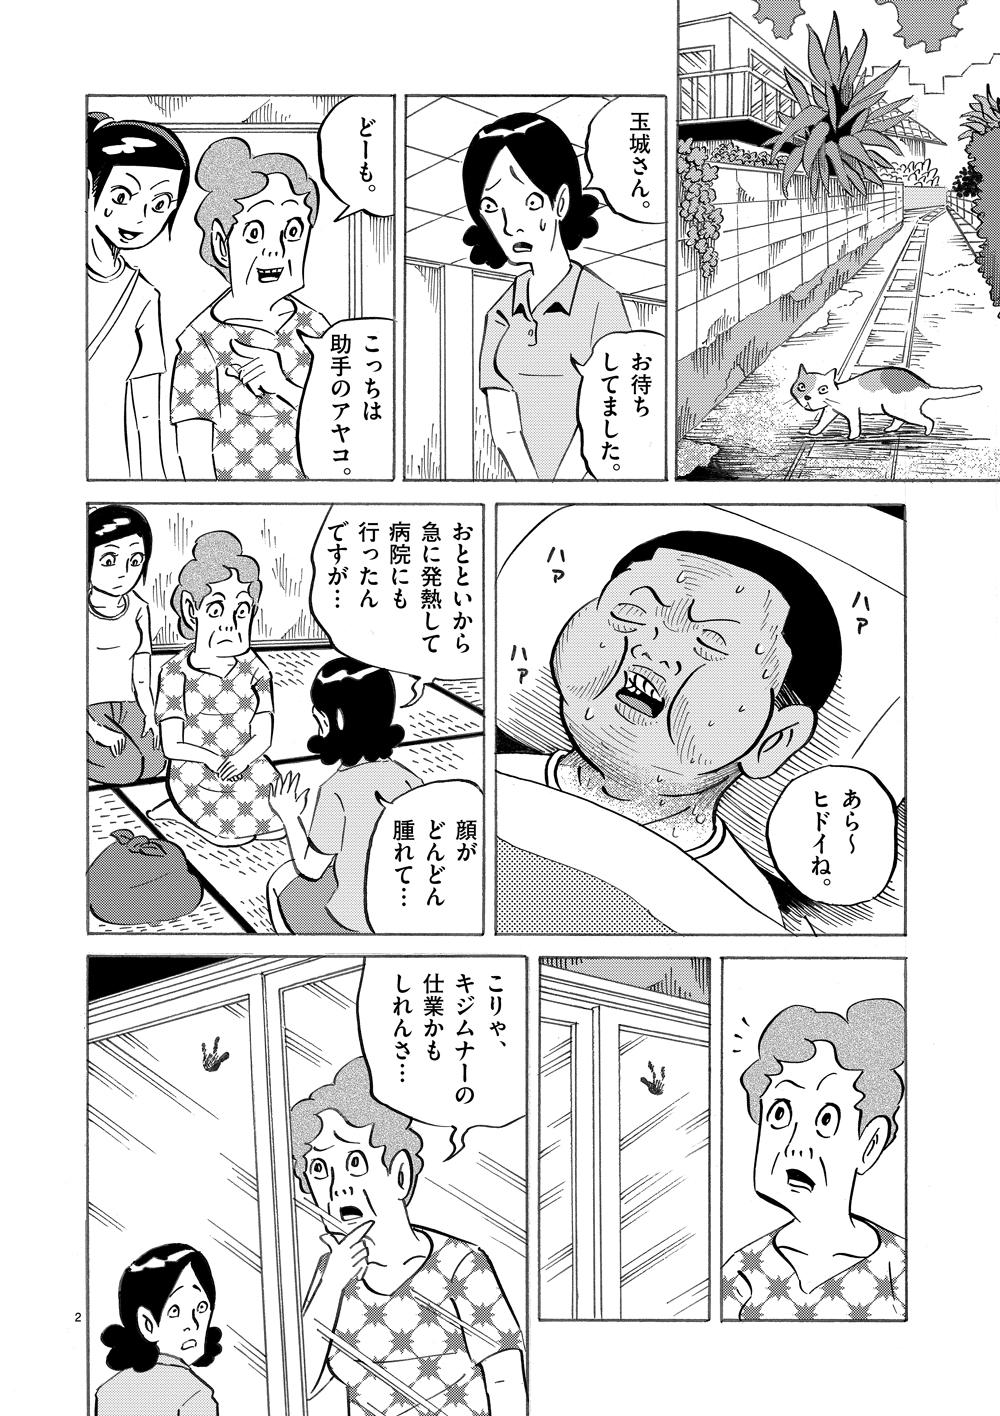 琉球怪談 【第6話】WEB掲載2ページ目画像